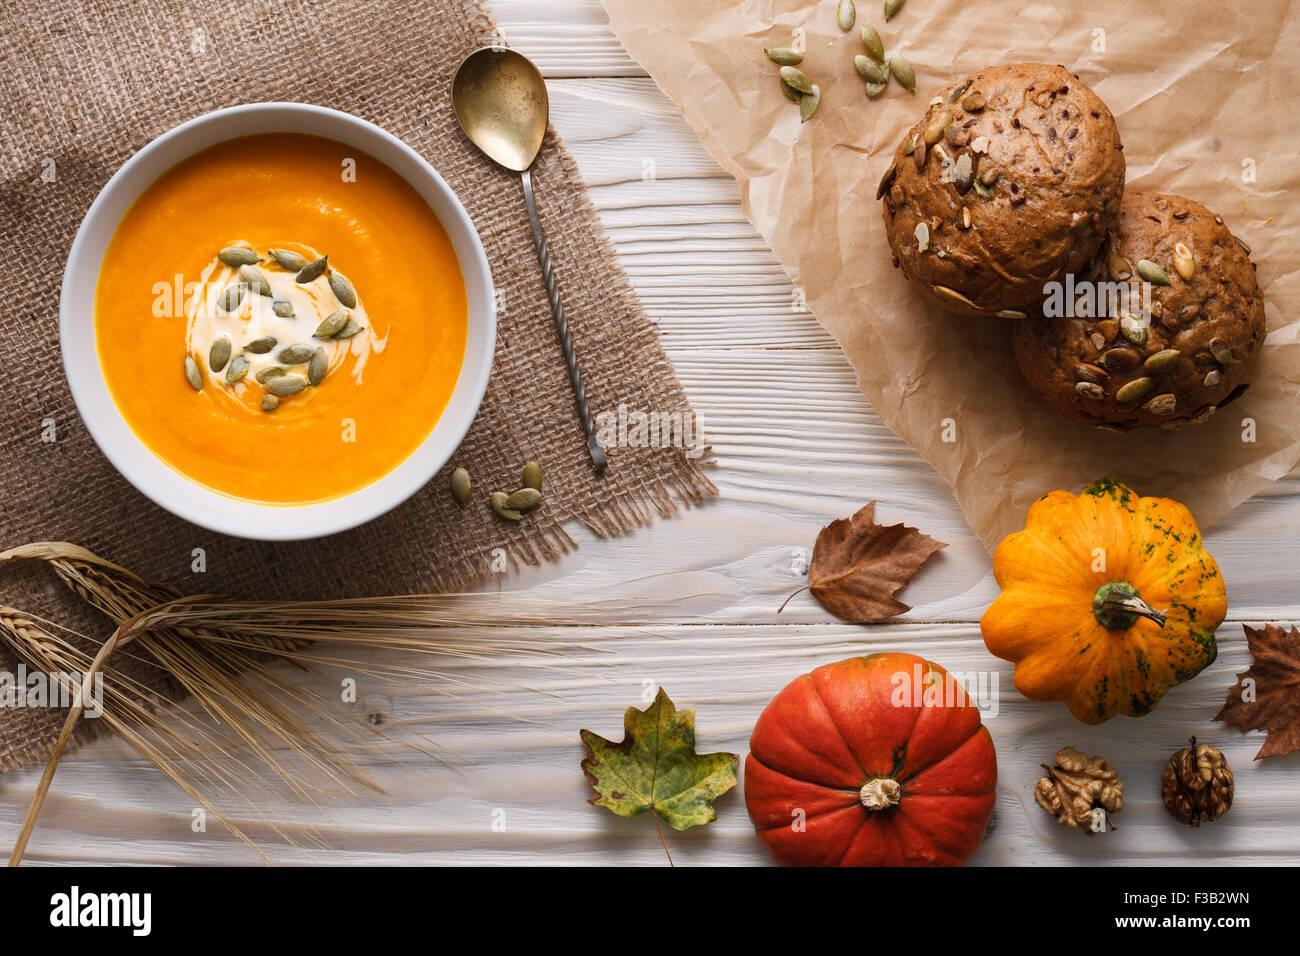 Tradicional sopa de calabaza con semillas y fresco horneado justo centeno prohibiciones sobre un fondo de madera blanca. Foto de stock